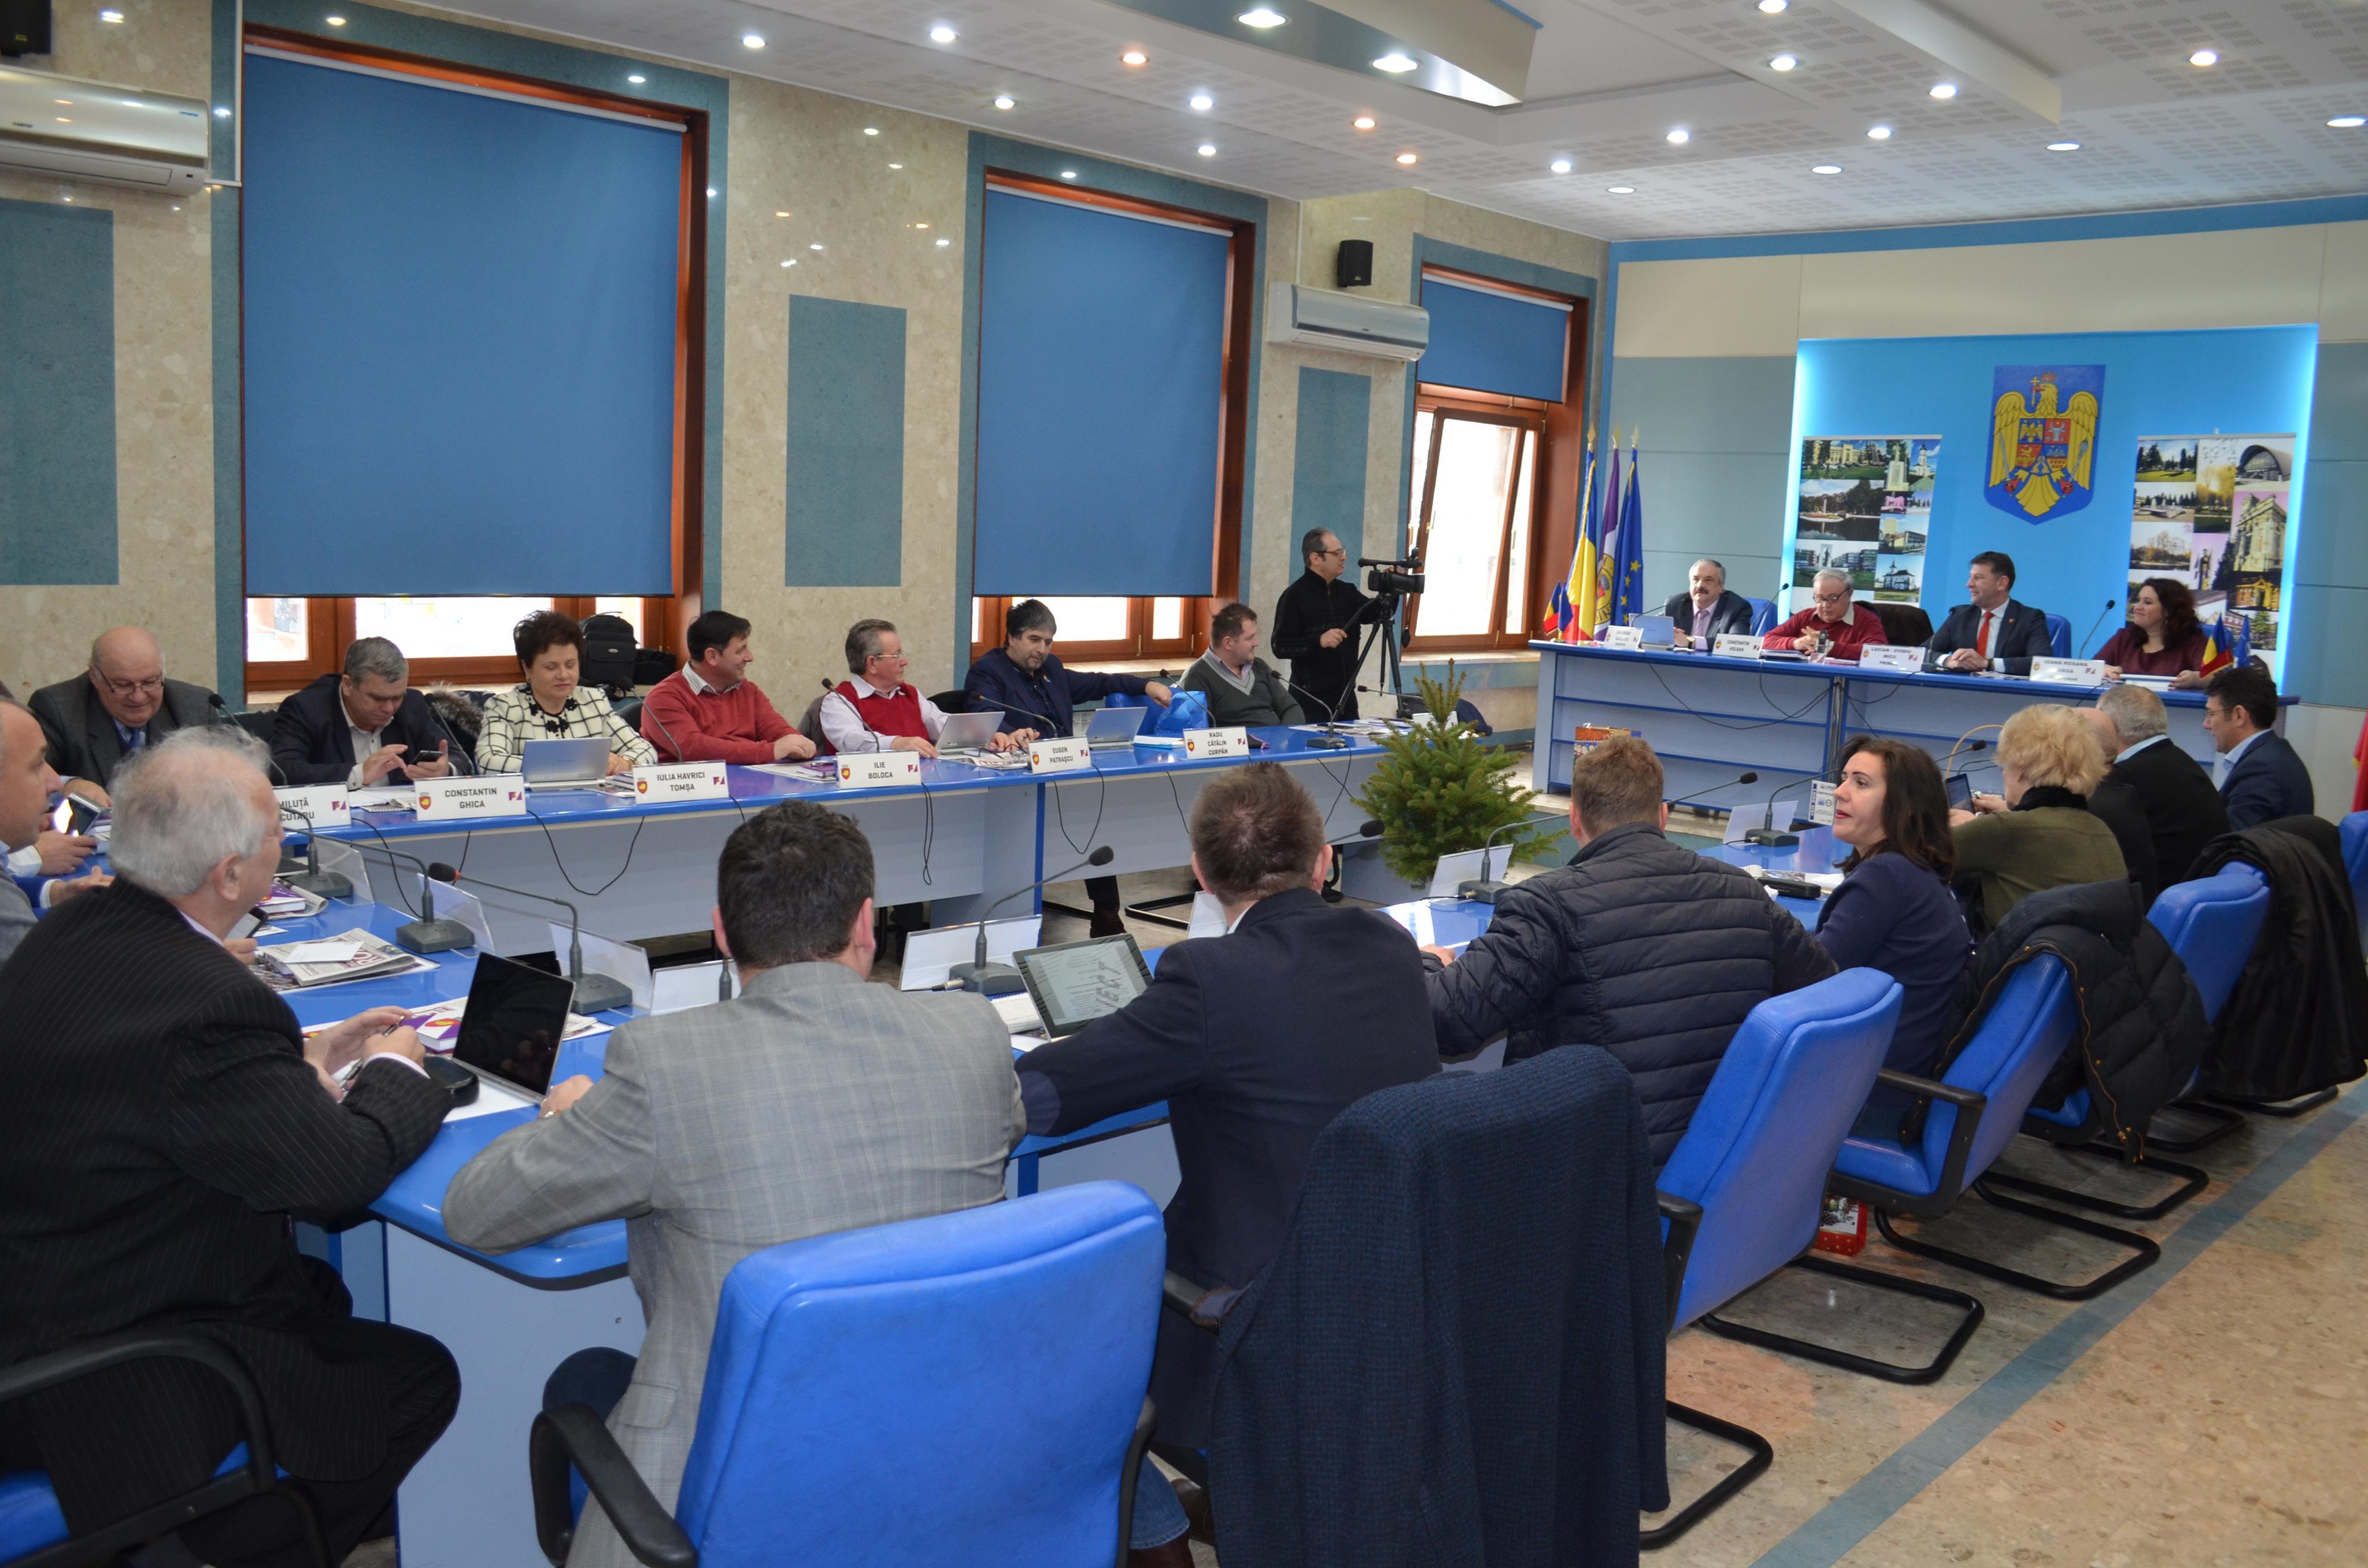 Consilierii PSD fac opoziție, nu au participat la votul pentru patru proiecte